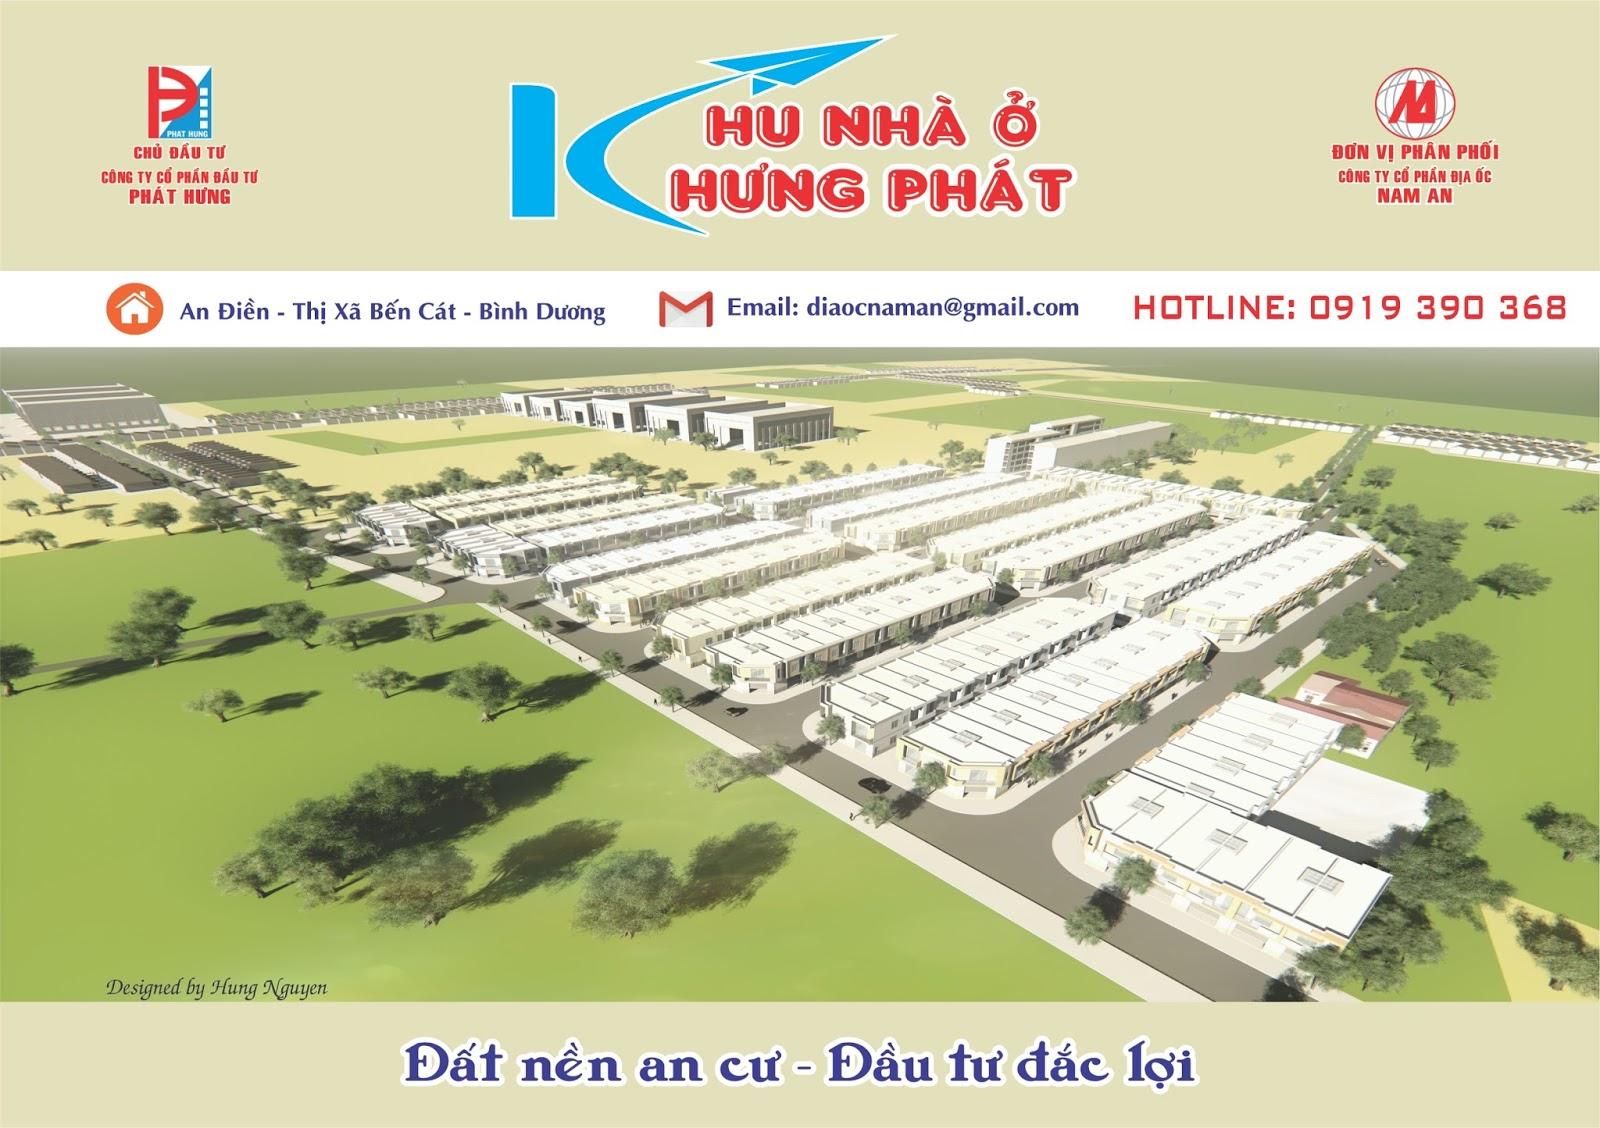 Bạn đang muốn tìm kiếm đất đầu tư sinh lời nhanh, pháp lý, thủ tục rõ ràng hãy đến với Dự án mặt đường 7a - khu nhà ở Hưng Phát, Dự án đẹp tiềm năng nhất 2018!